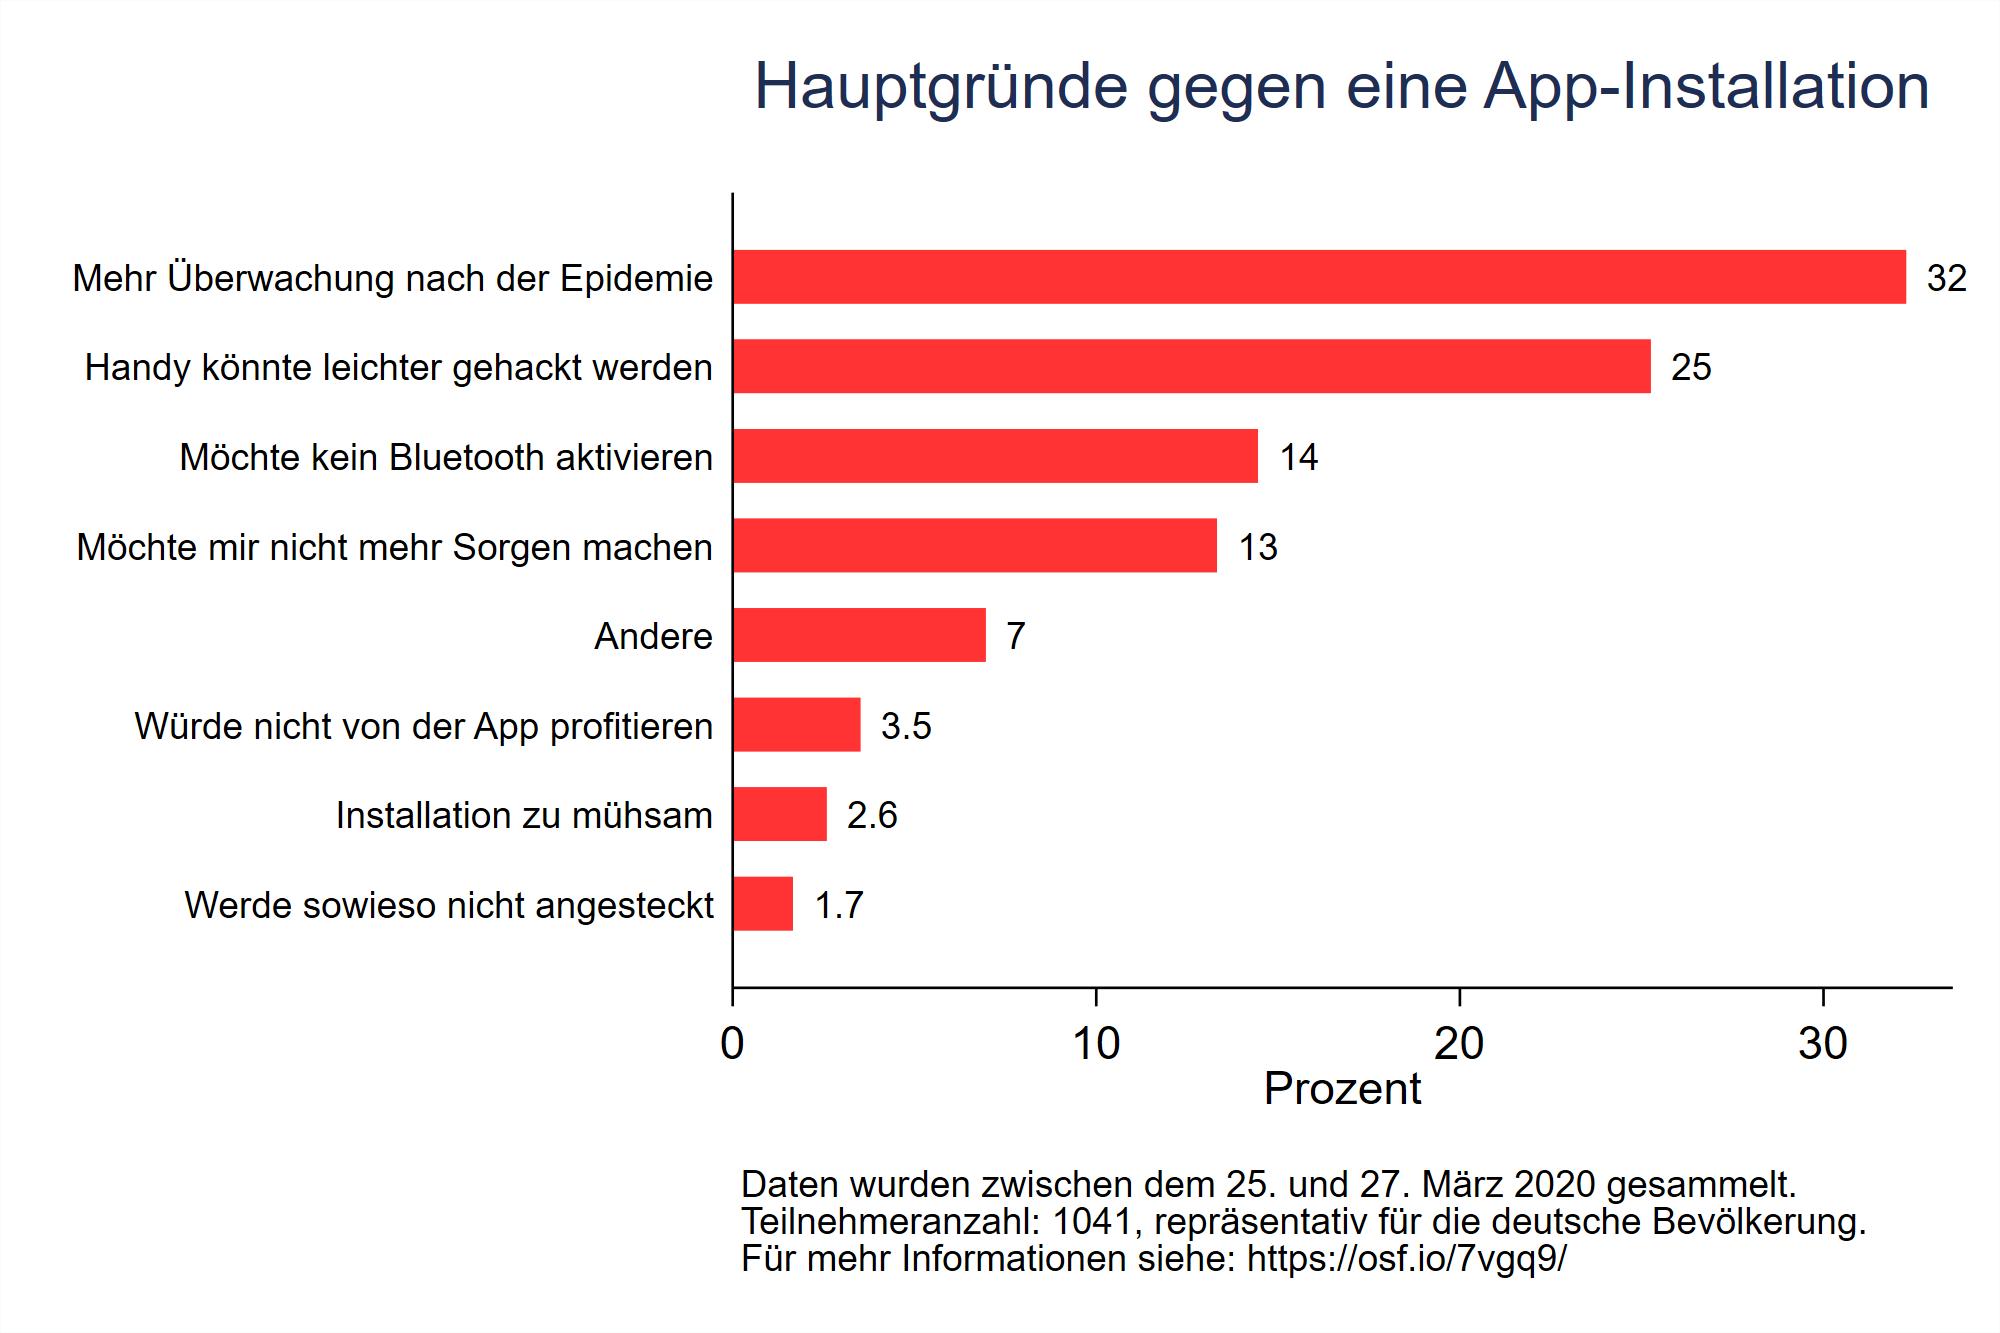 Abbildung 3: Die am häufigsten genannten Gründe gegen die Installation einer Kontaktnachverfolgungs-App (repräsentative Umfrage, Datenerhebung 25.-27. März 2020, mehr Informationen hier)